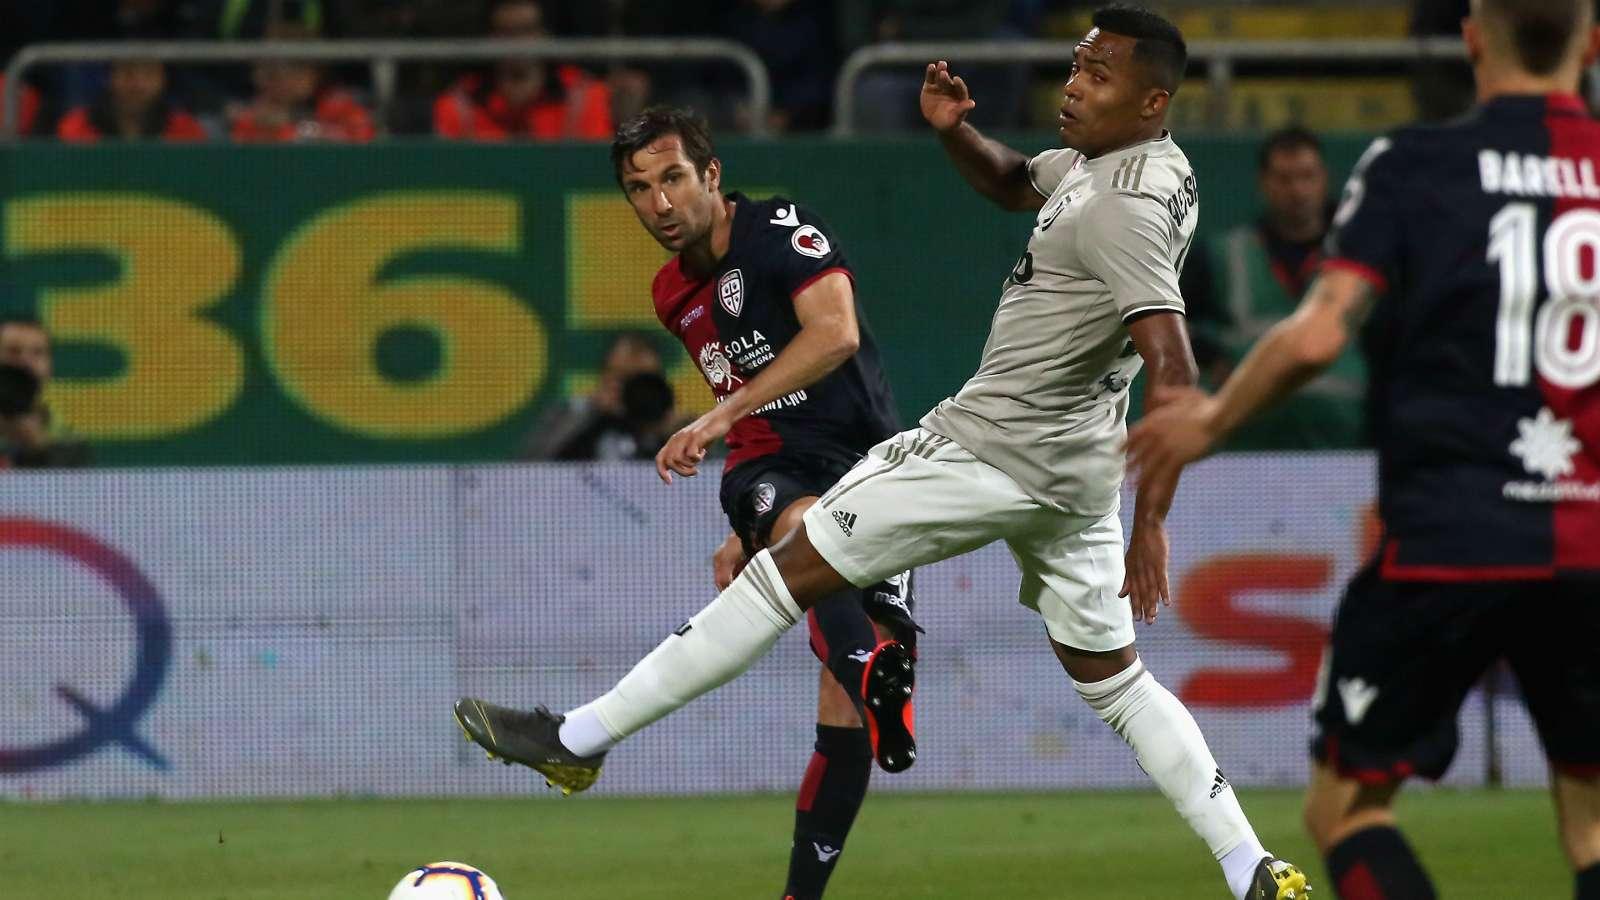 Cagliari-Juventus 0-2, la Juve sans forcer, Kean a encore frappé